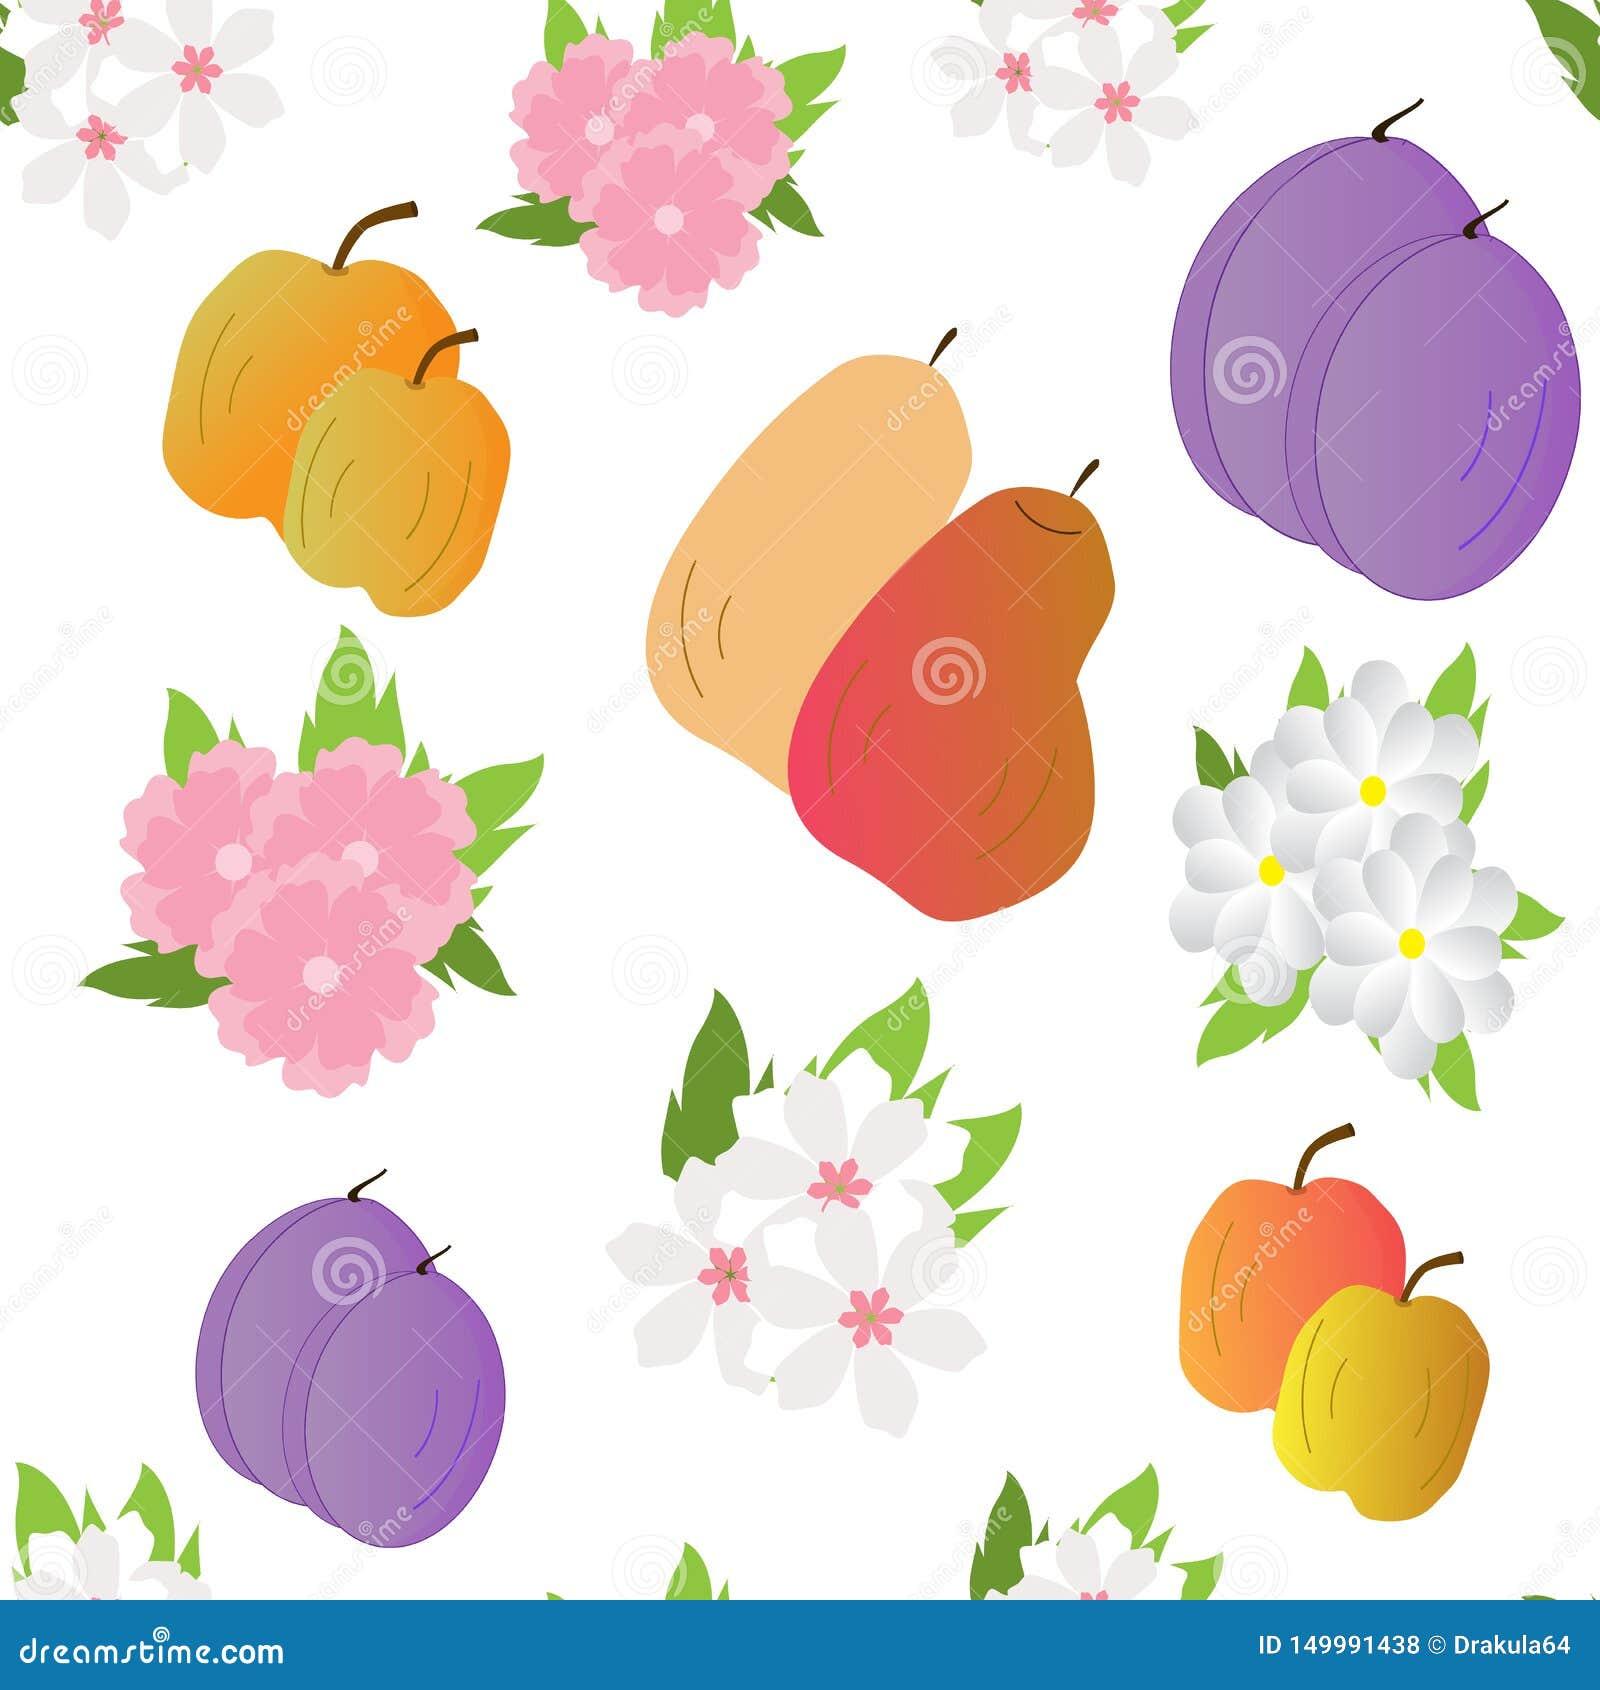 Nahtlos-Hintergrund-mit-Frucht-und-Blumen